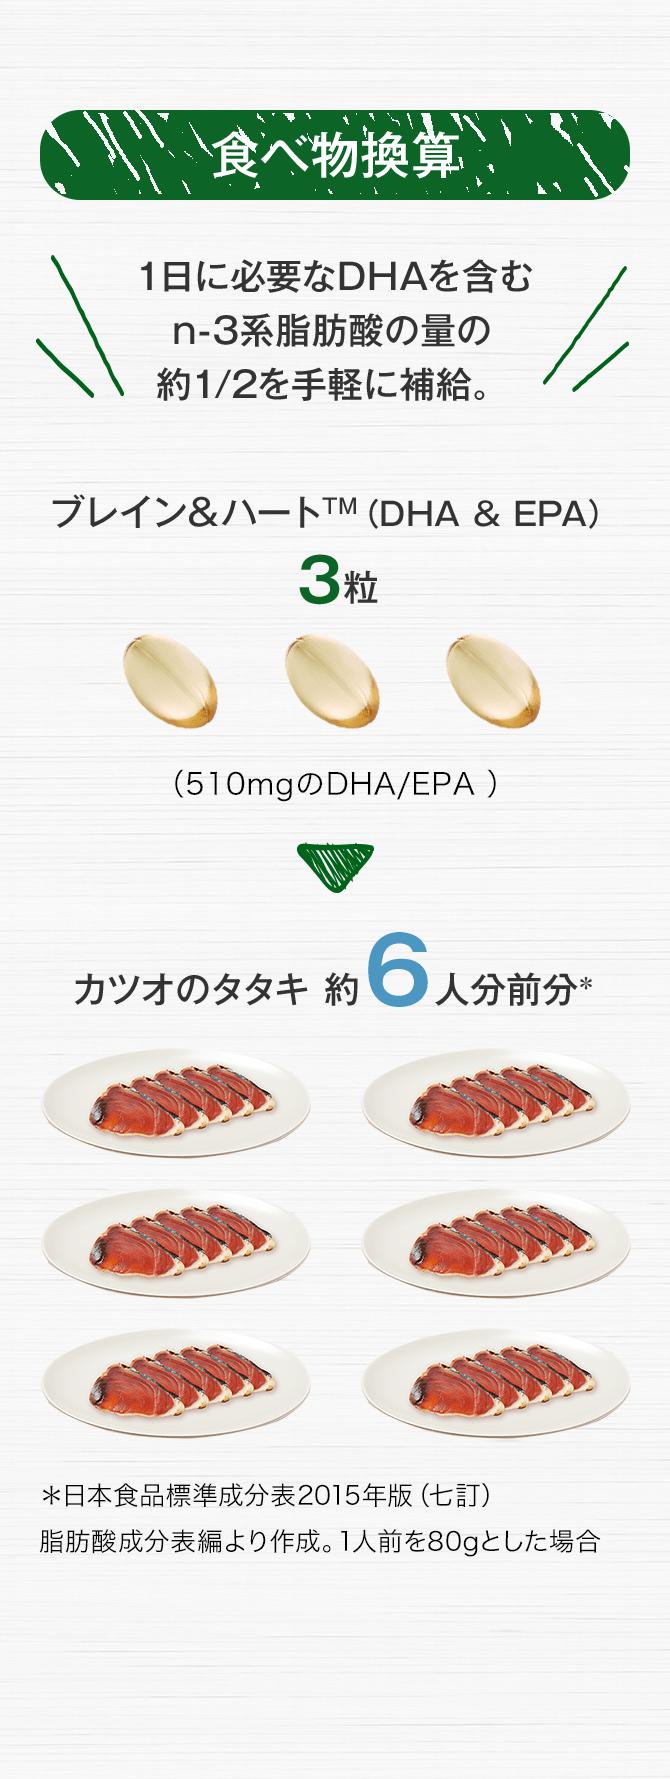 食べ物換算